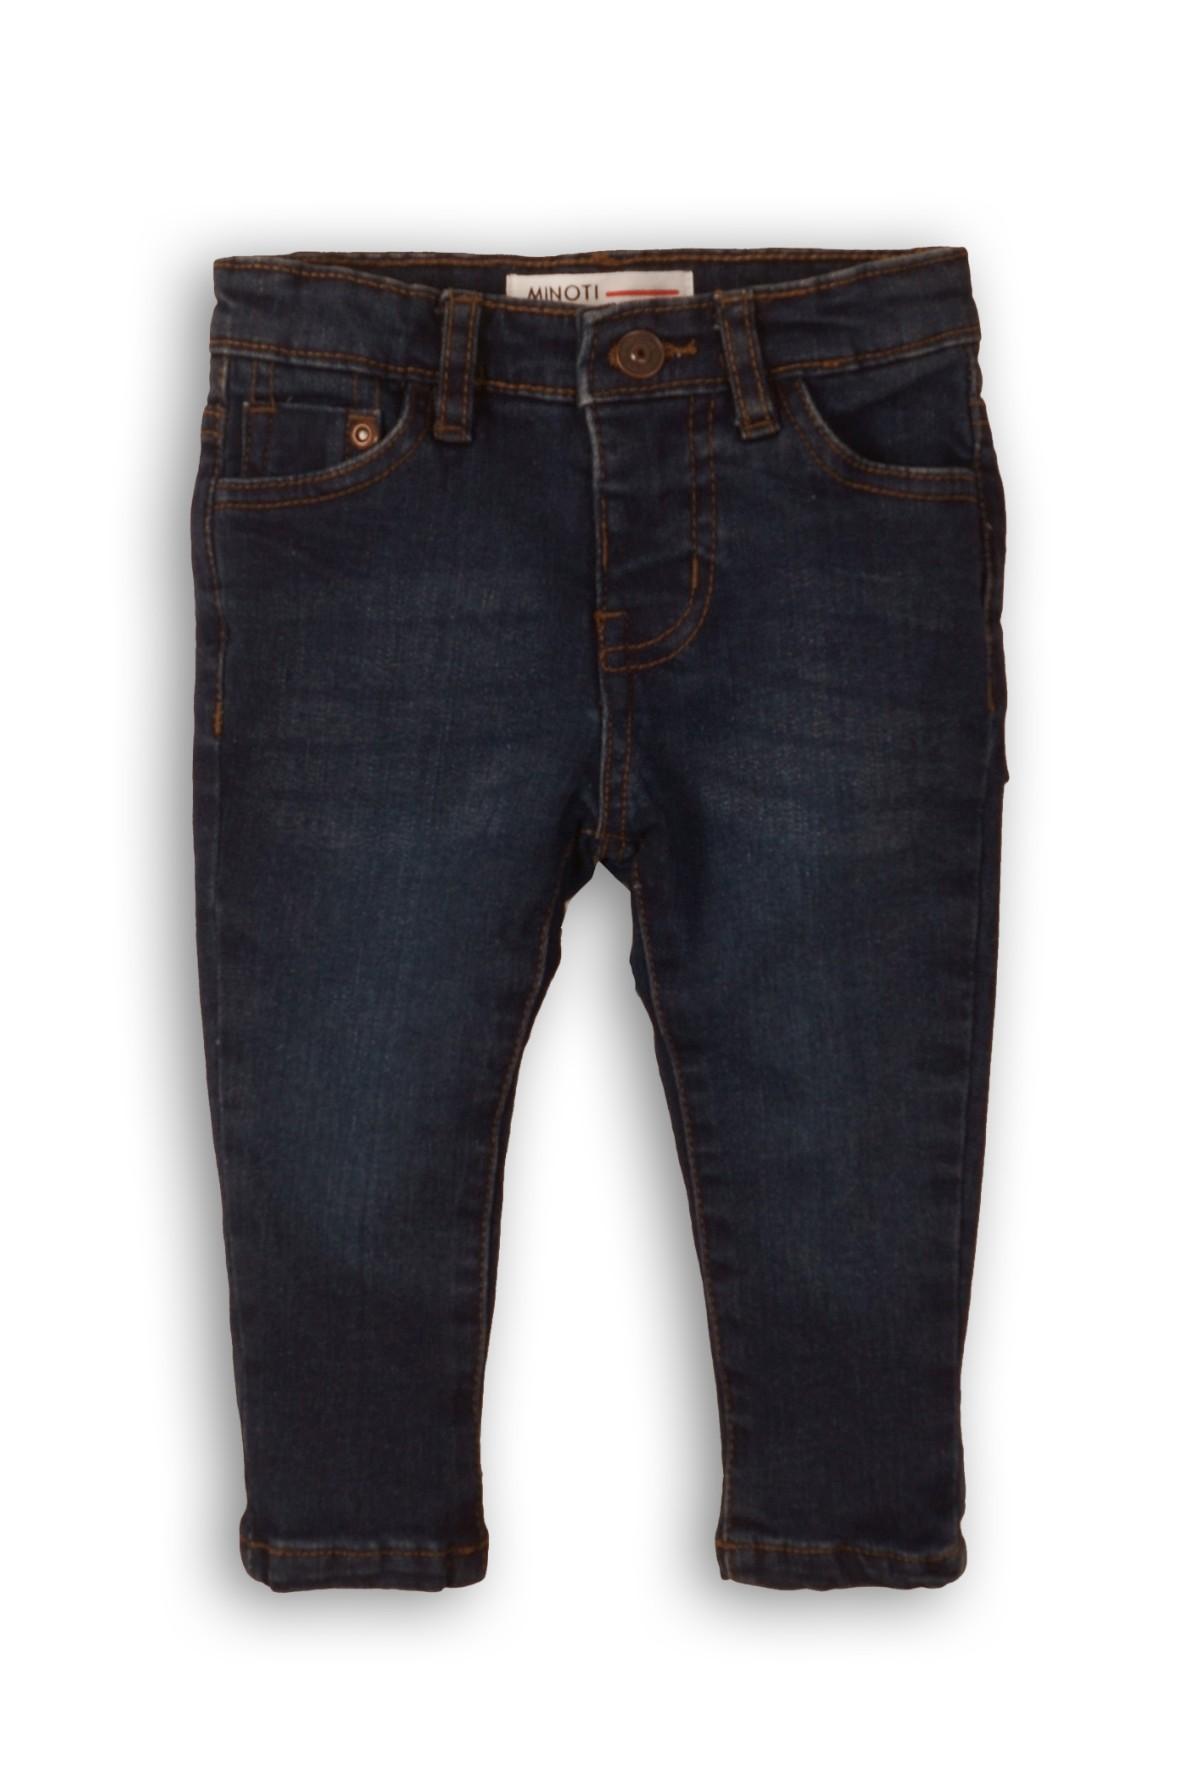 Spodnie chłopięce jeansowe ciemne